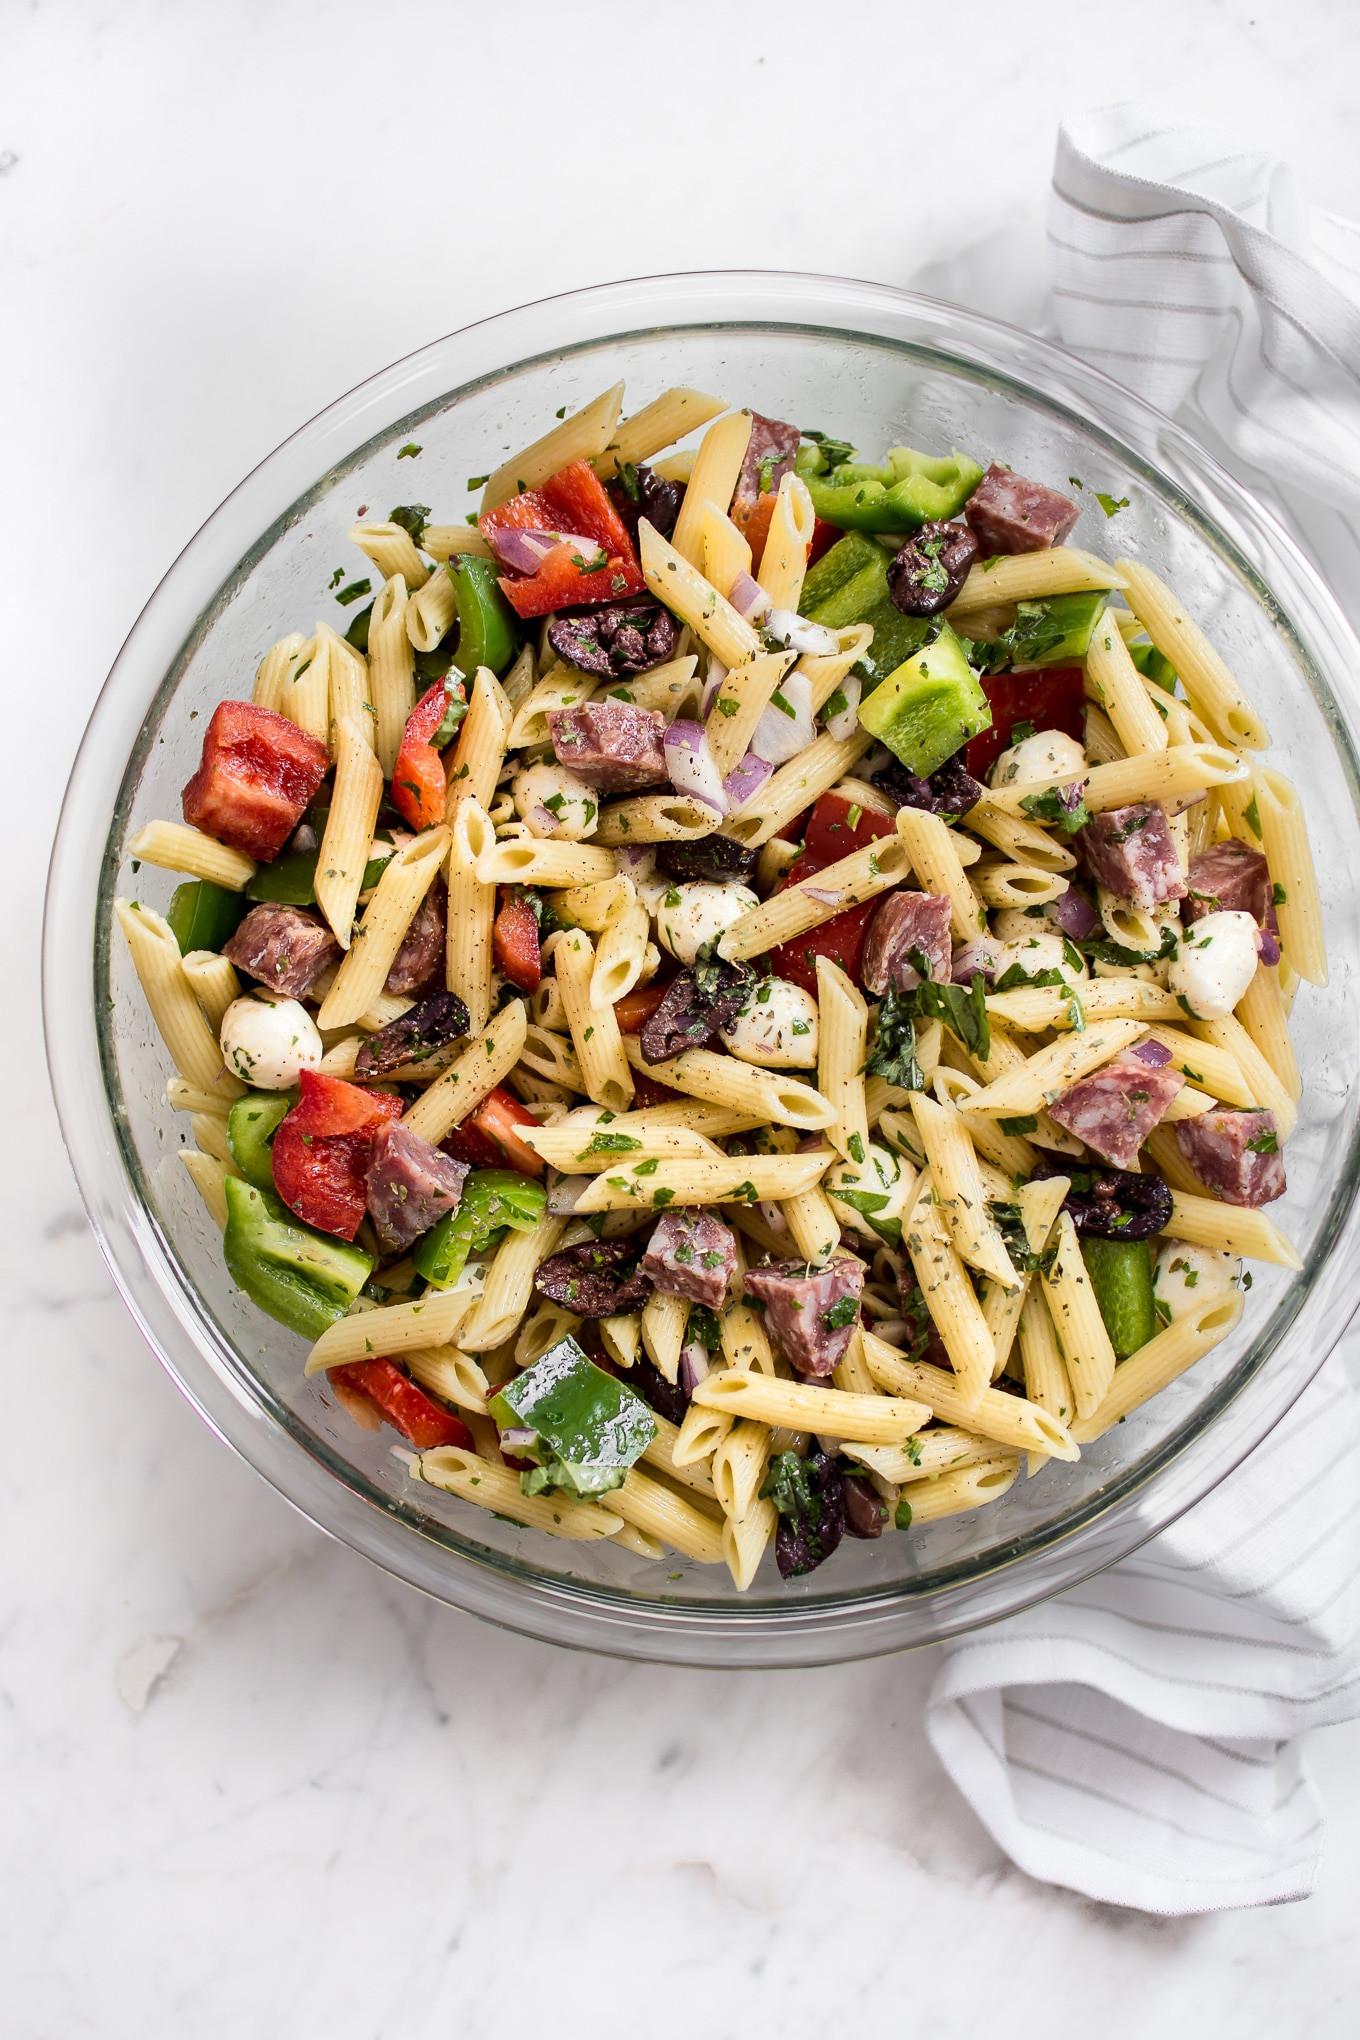 Quick Italian Recipes  Easy Italian Pasta Salad Recipe • Salt & Lavender